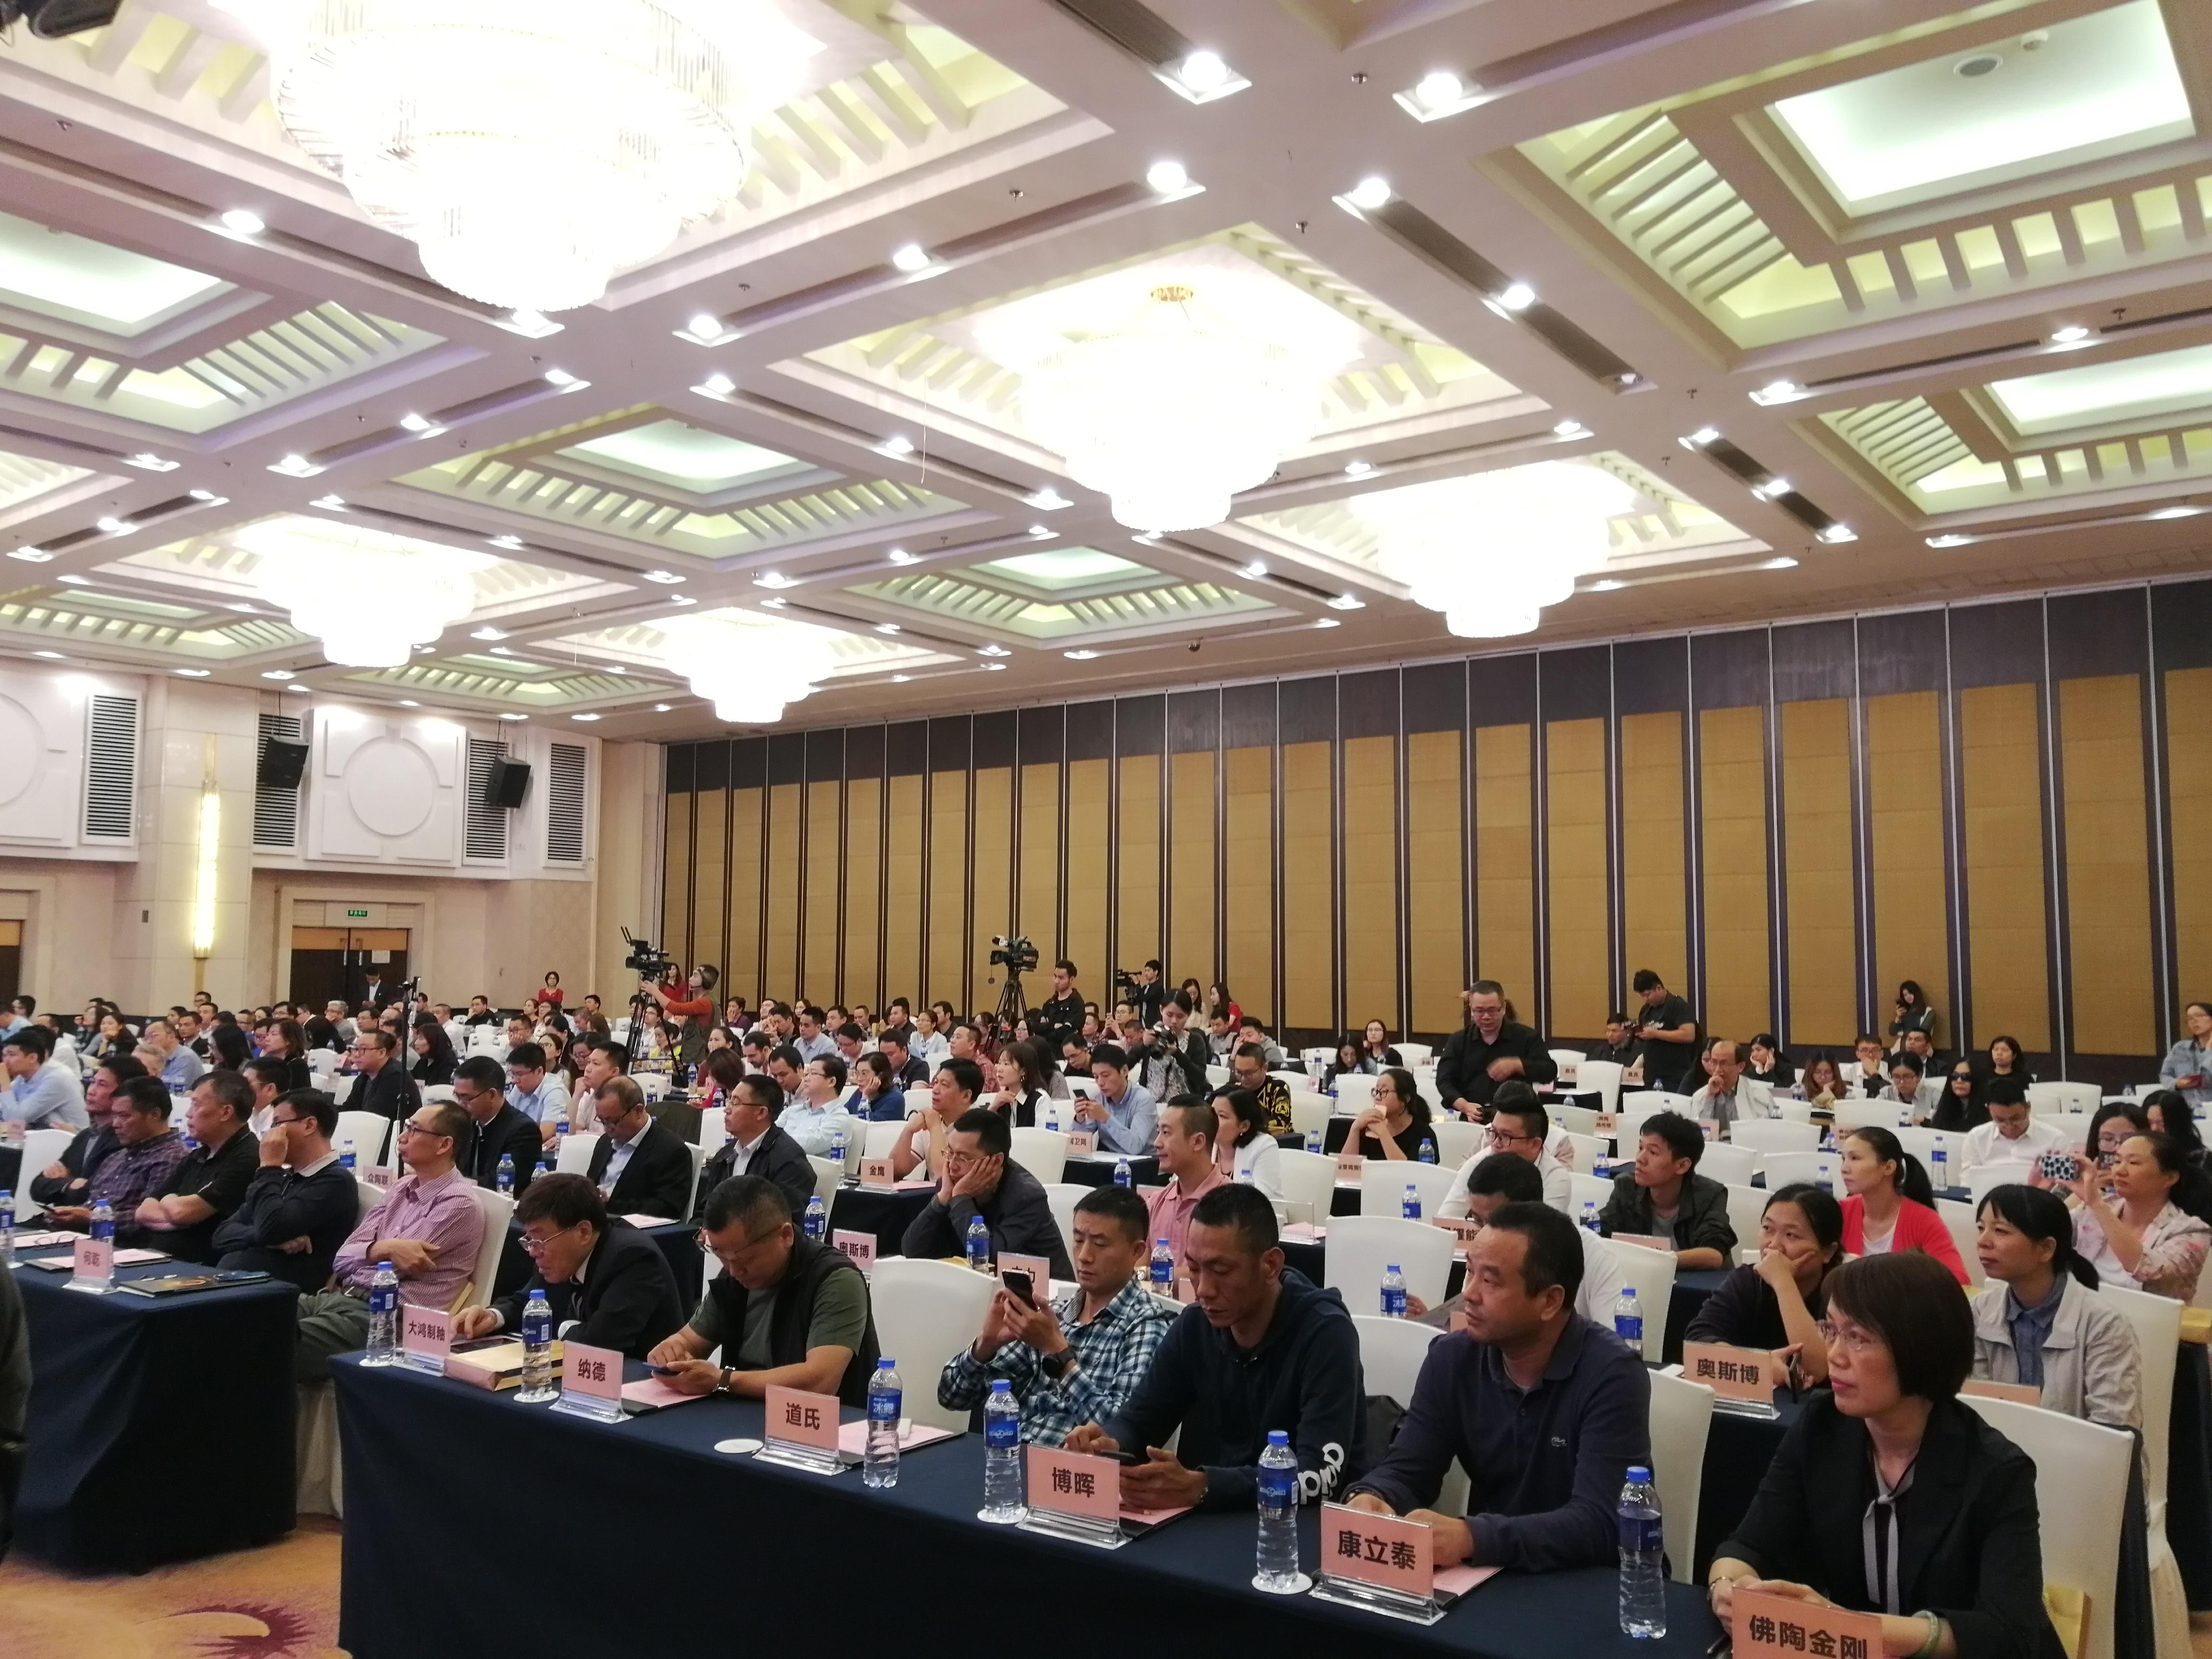 凝聚行业力量,共塑品牌未来――2019广州陶瓷工业展国内首场新闻发布会11月2日在佛山召开